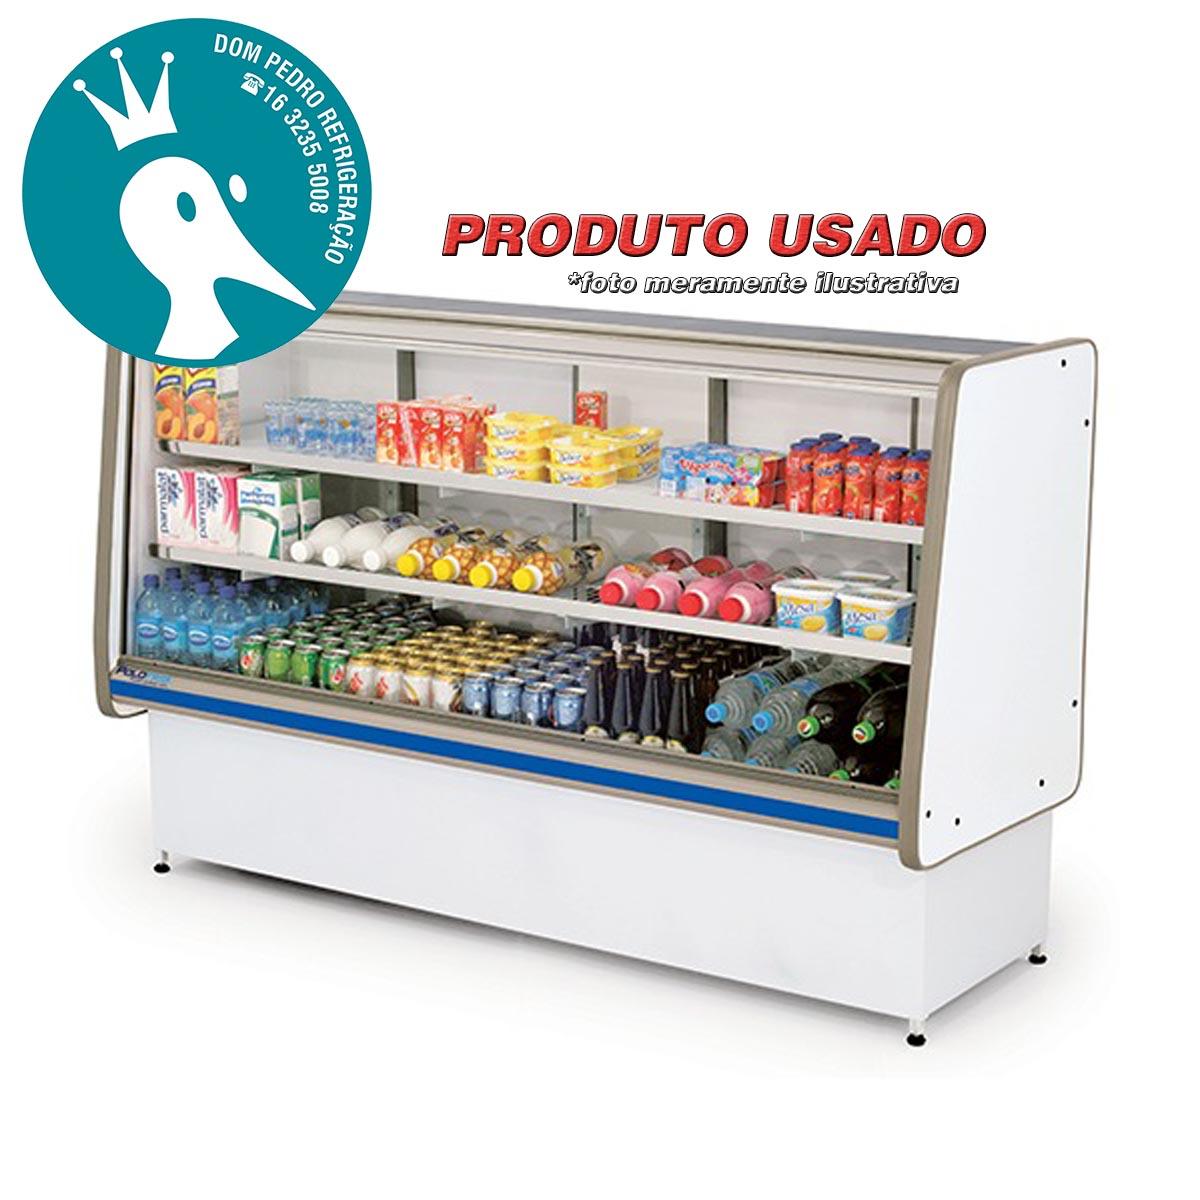 Cozinha E Restaurante Refrigera O Comercial Industrial